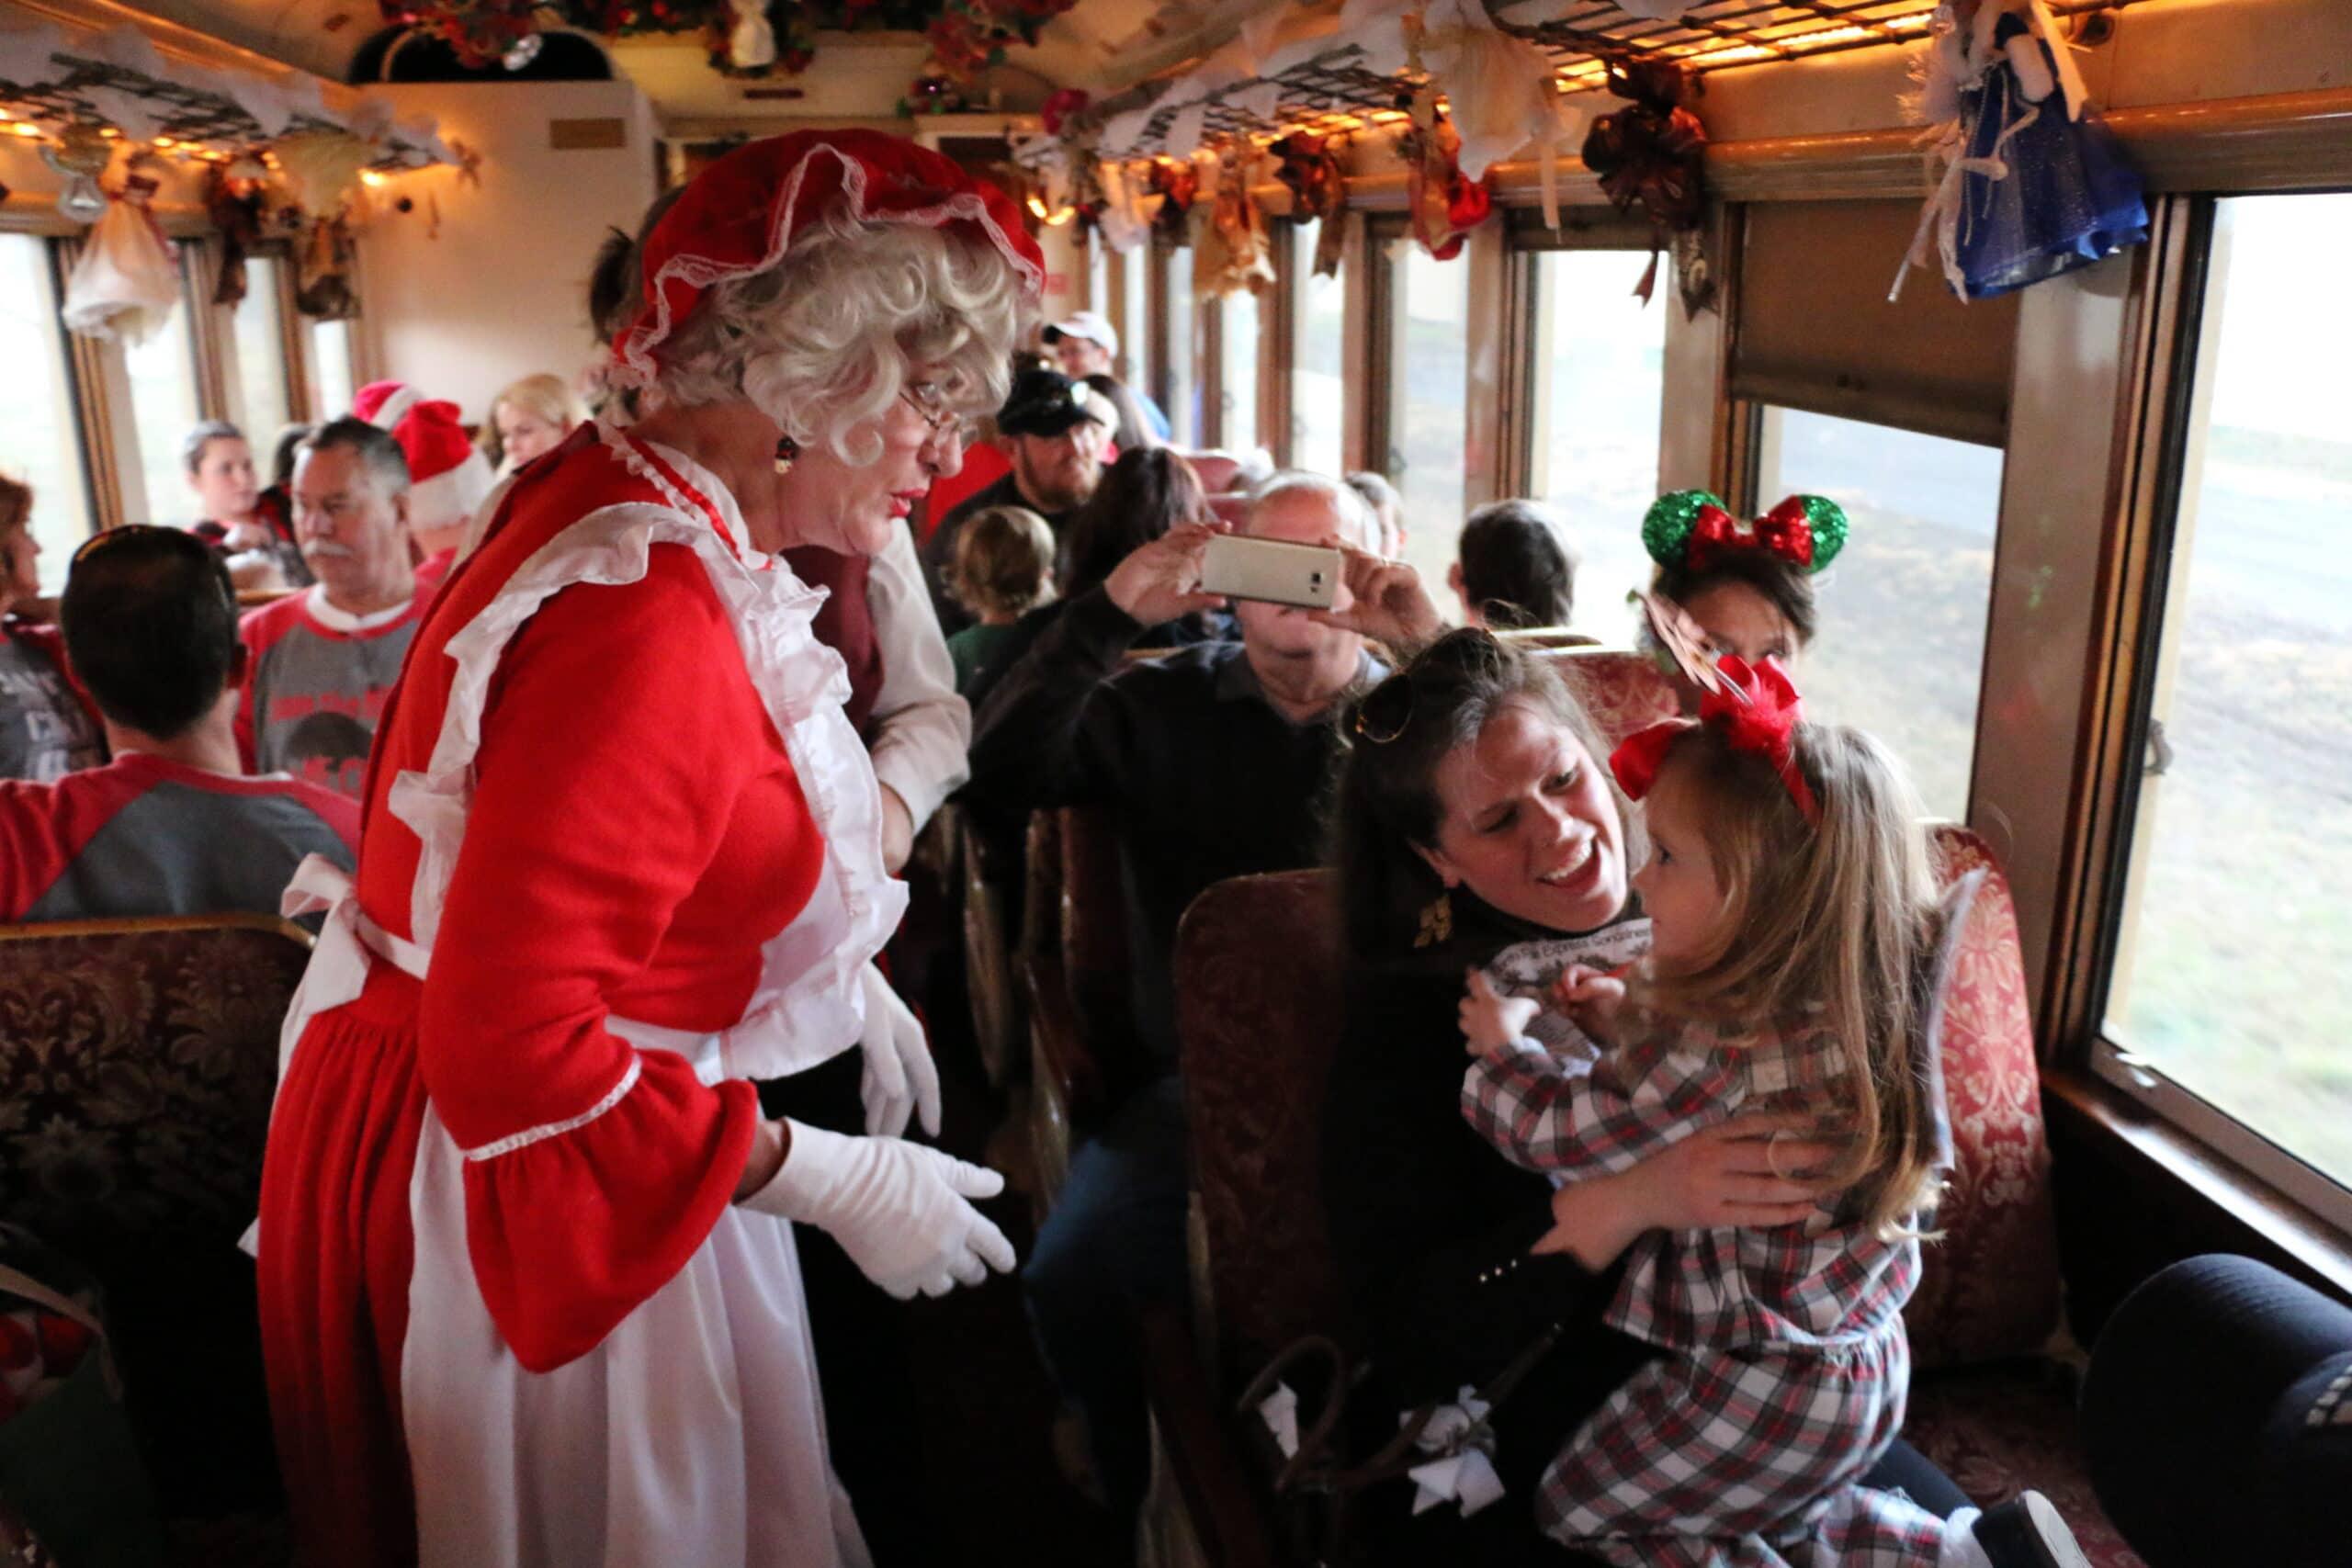 Mrs Claus greets children